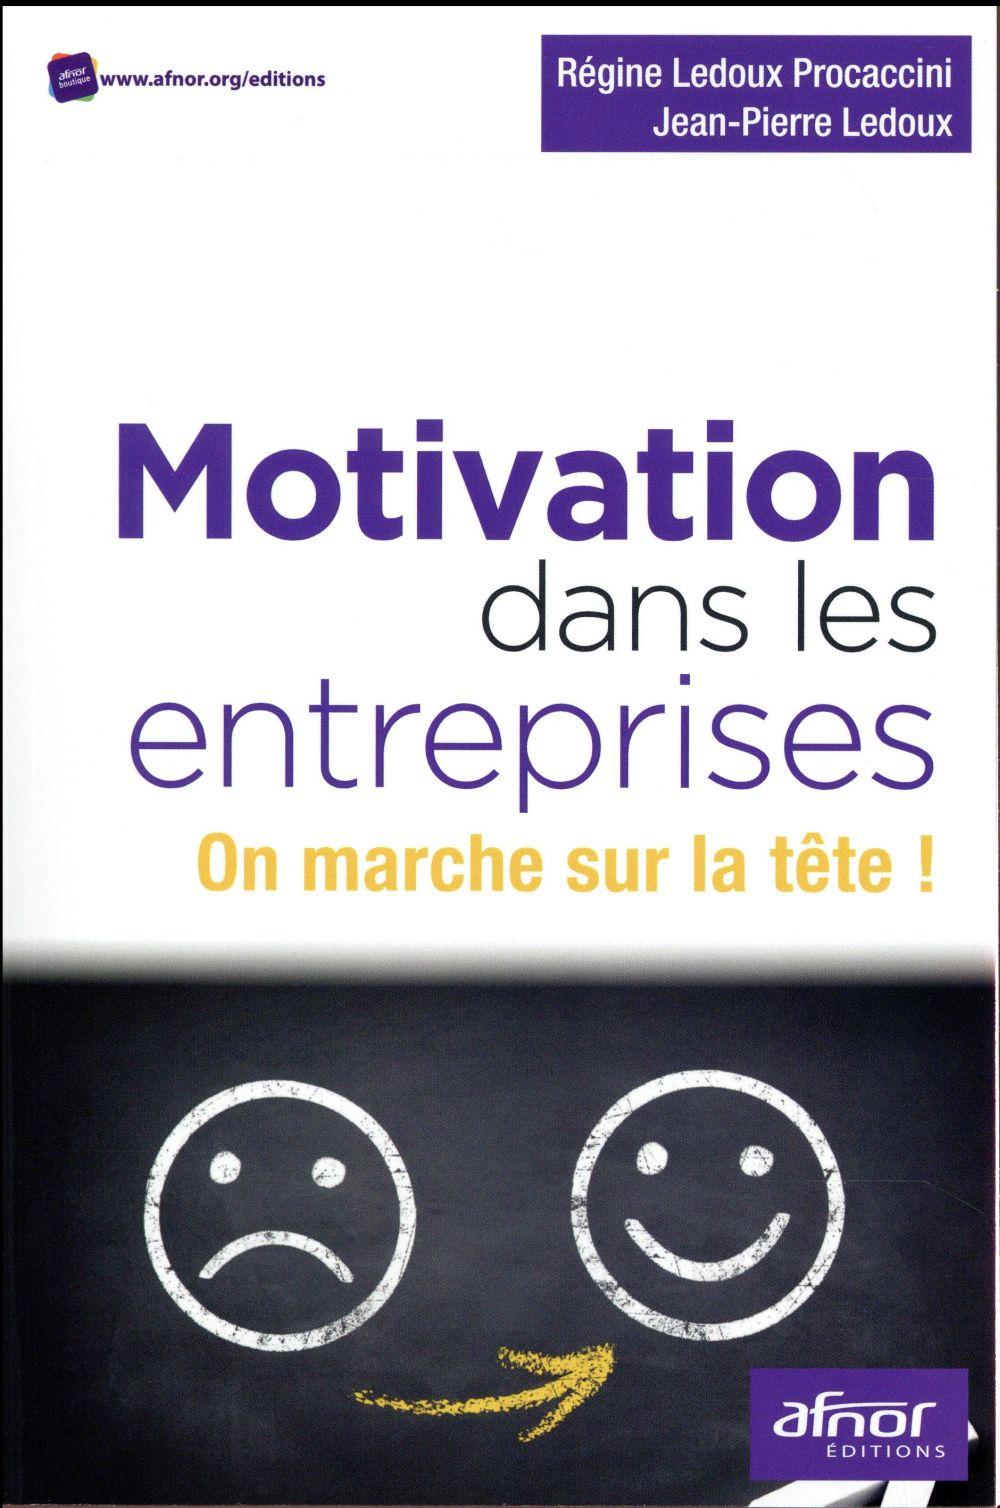 Motivation dans les entreprises; on marche sur la tête !